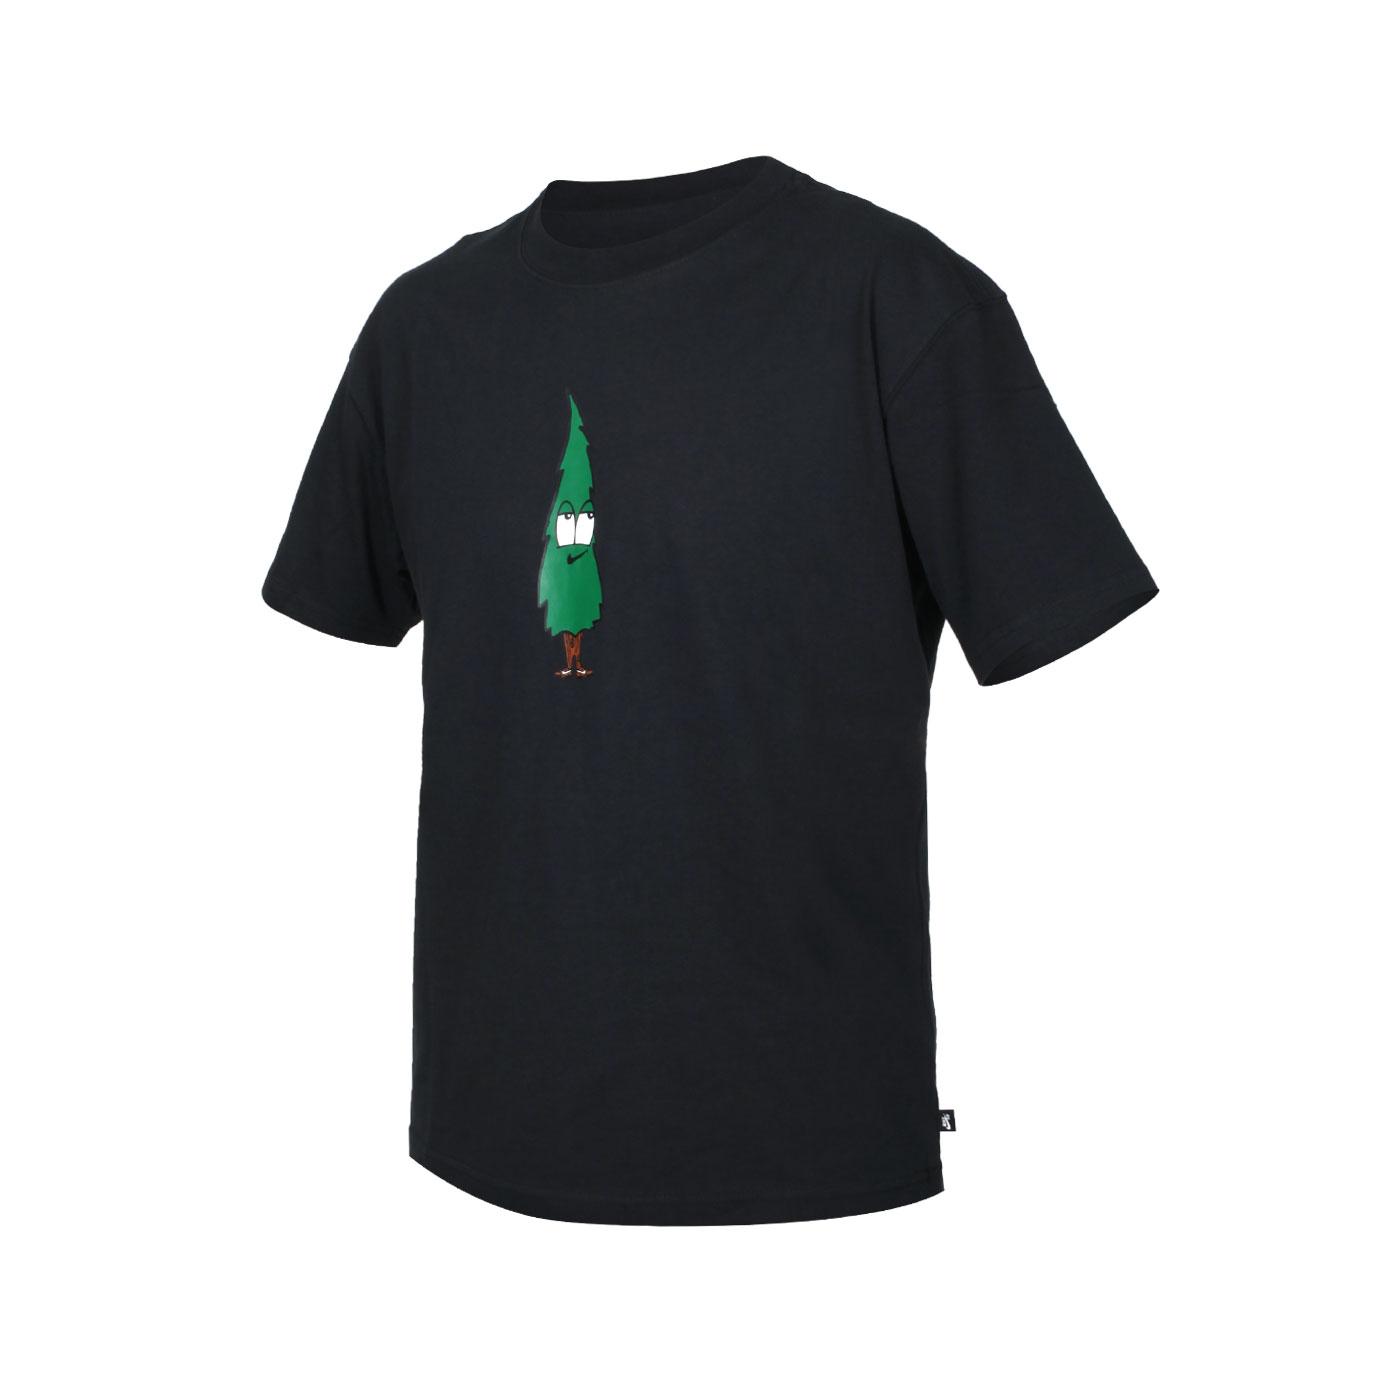 NIKE 男款短袖T恤 DM2244-010 - 黑綠棕